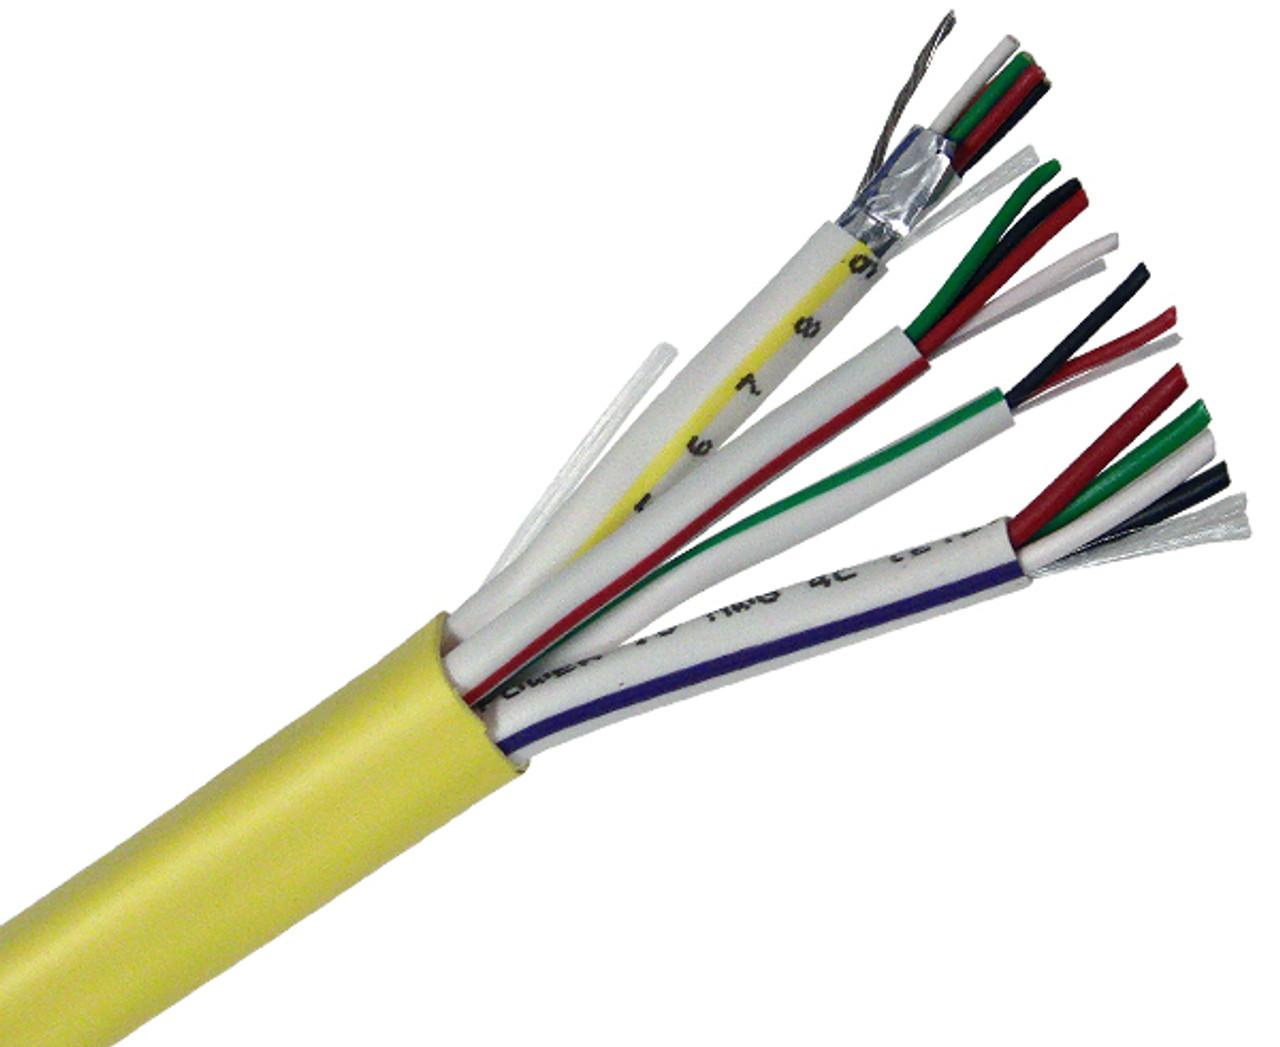 18 4 Wire | Access Control Cable 18 4 22 4 22 2 22 3pr Shielded Cmr 500 312